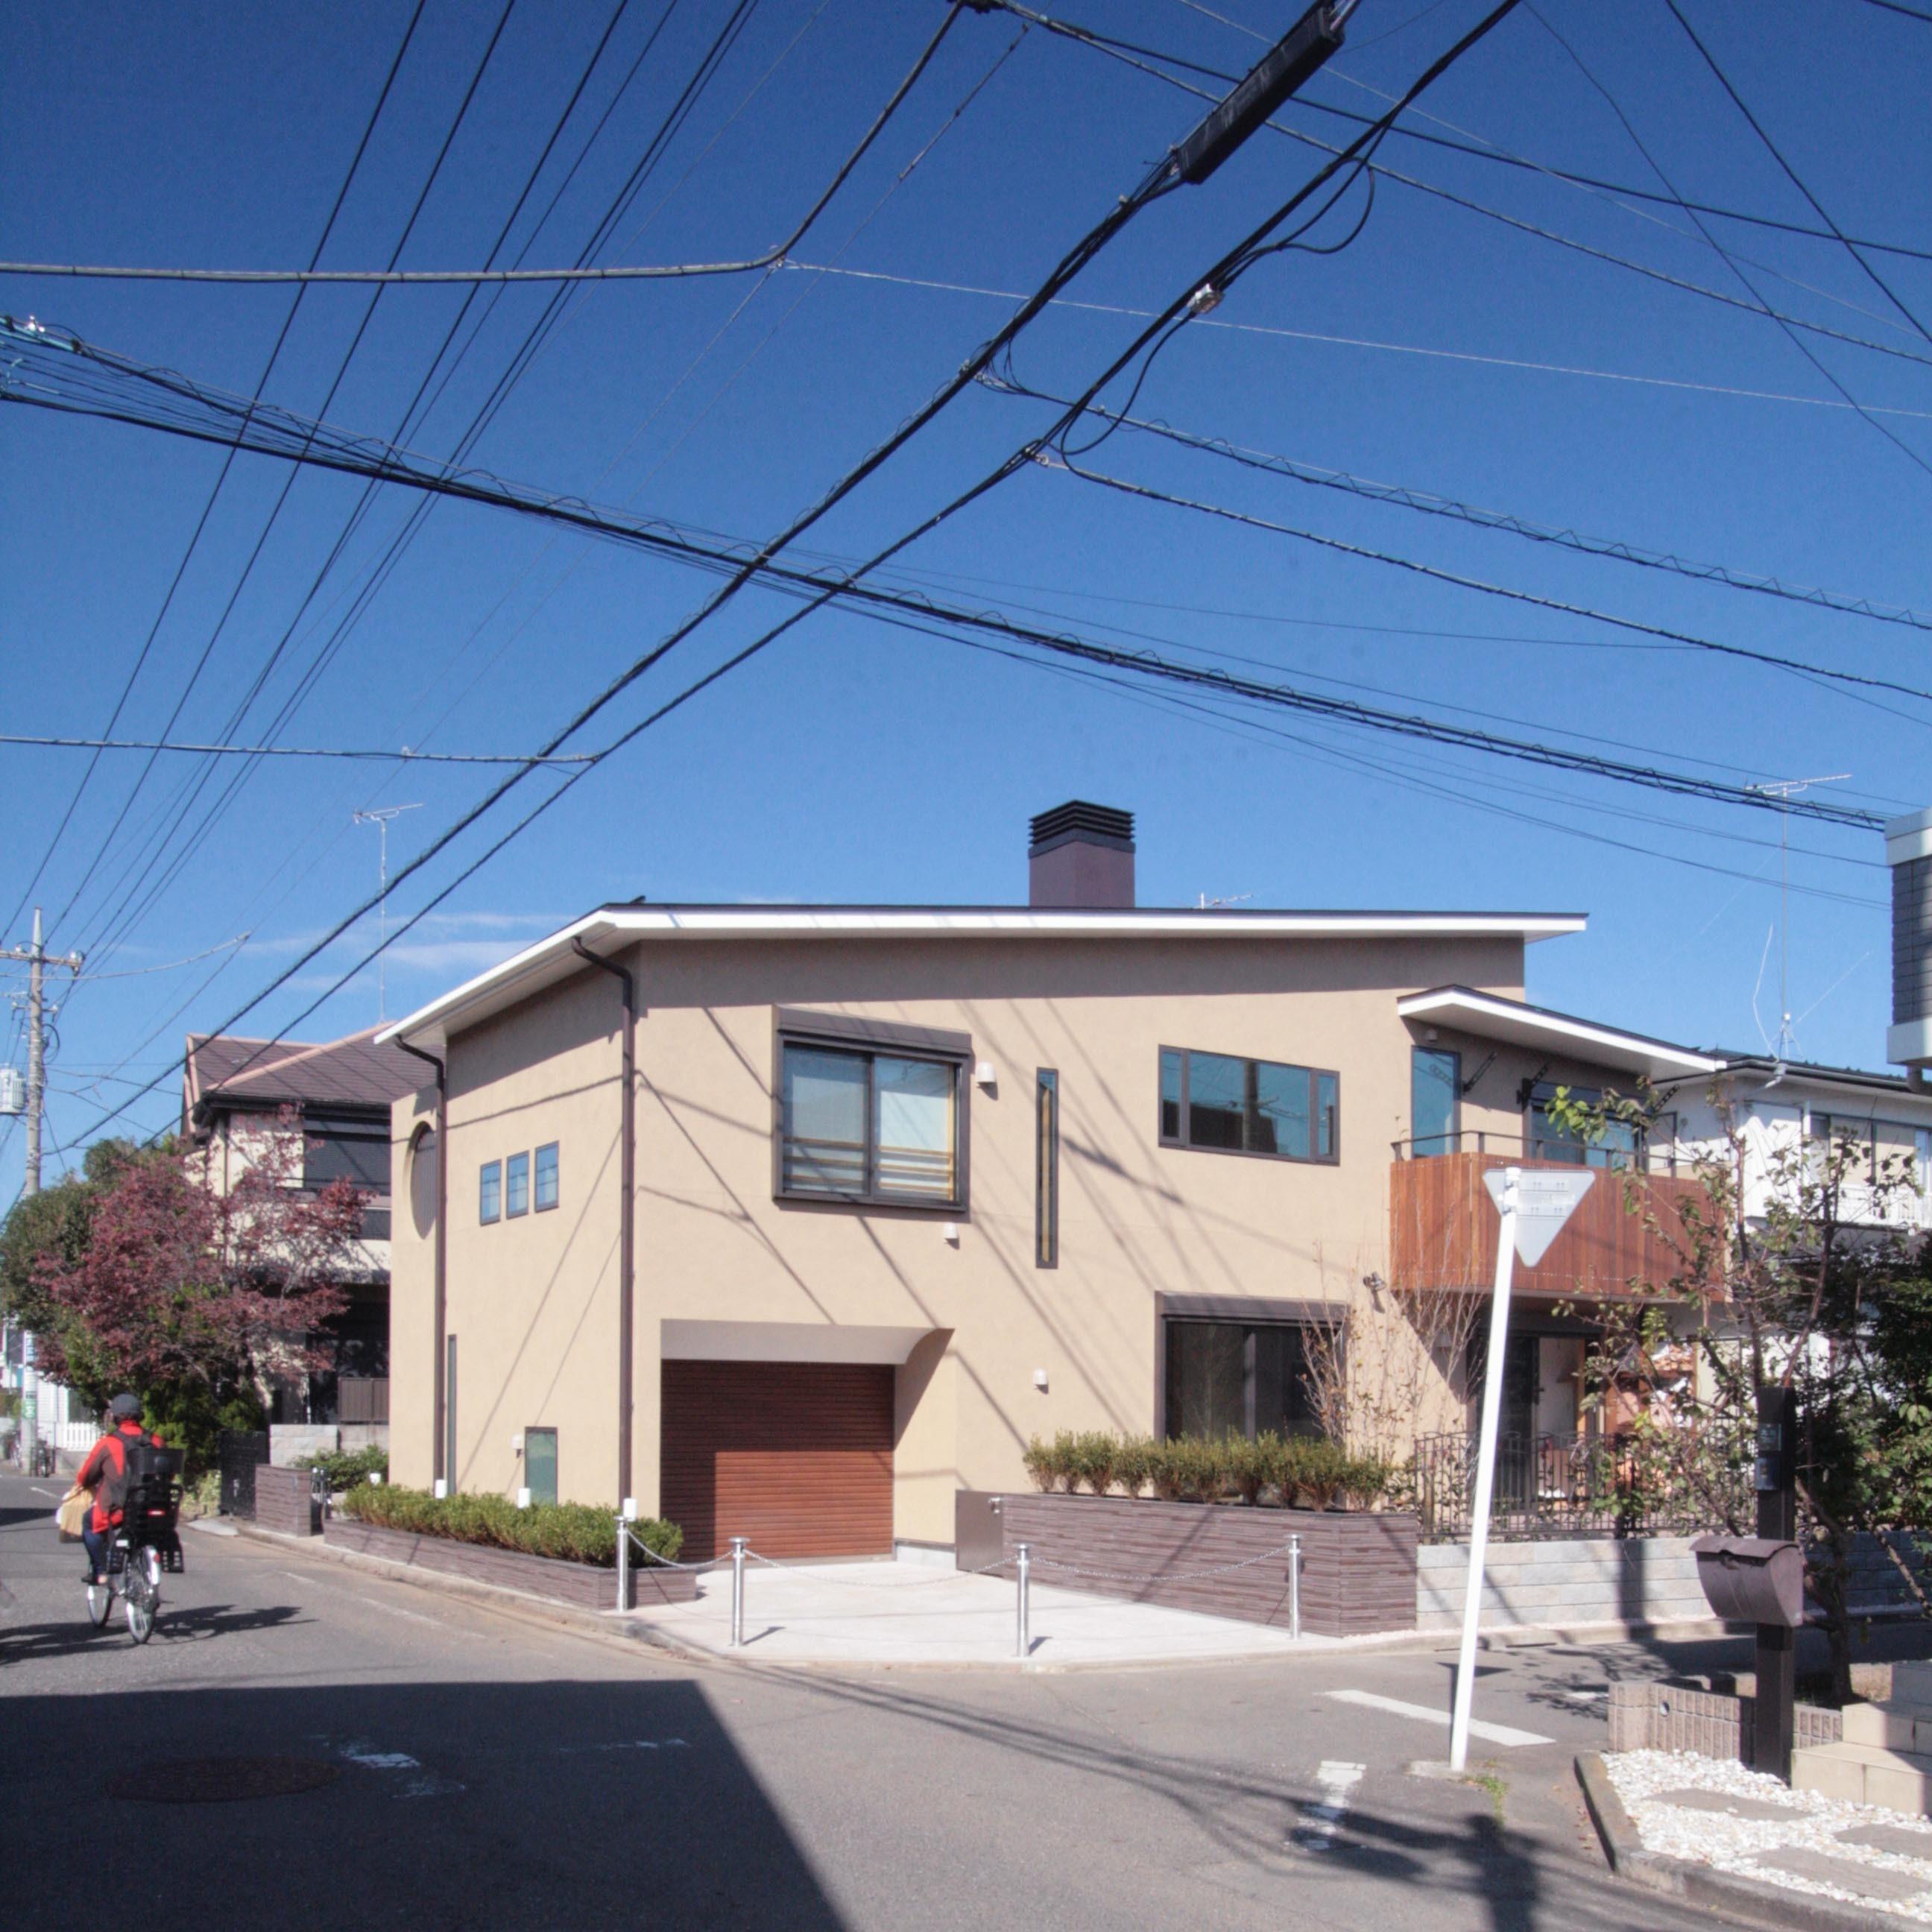 外観事例:外観(敷地西側の主要道路から建物の南面を望む)(大泉学園の家(薪ストーブを設けた吹抜けを中心とした自然素材の家))